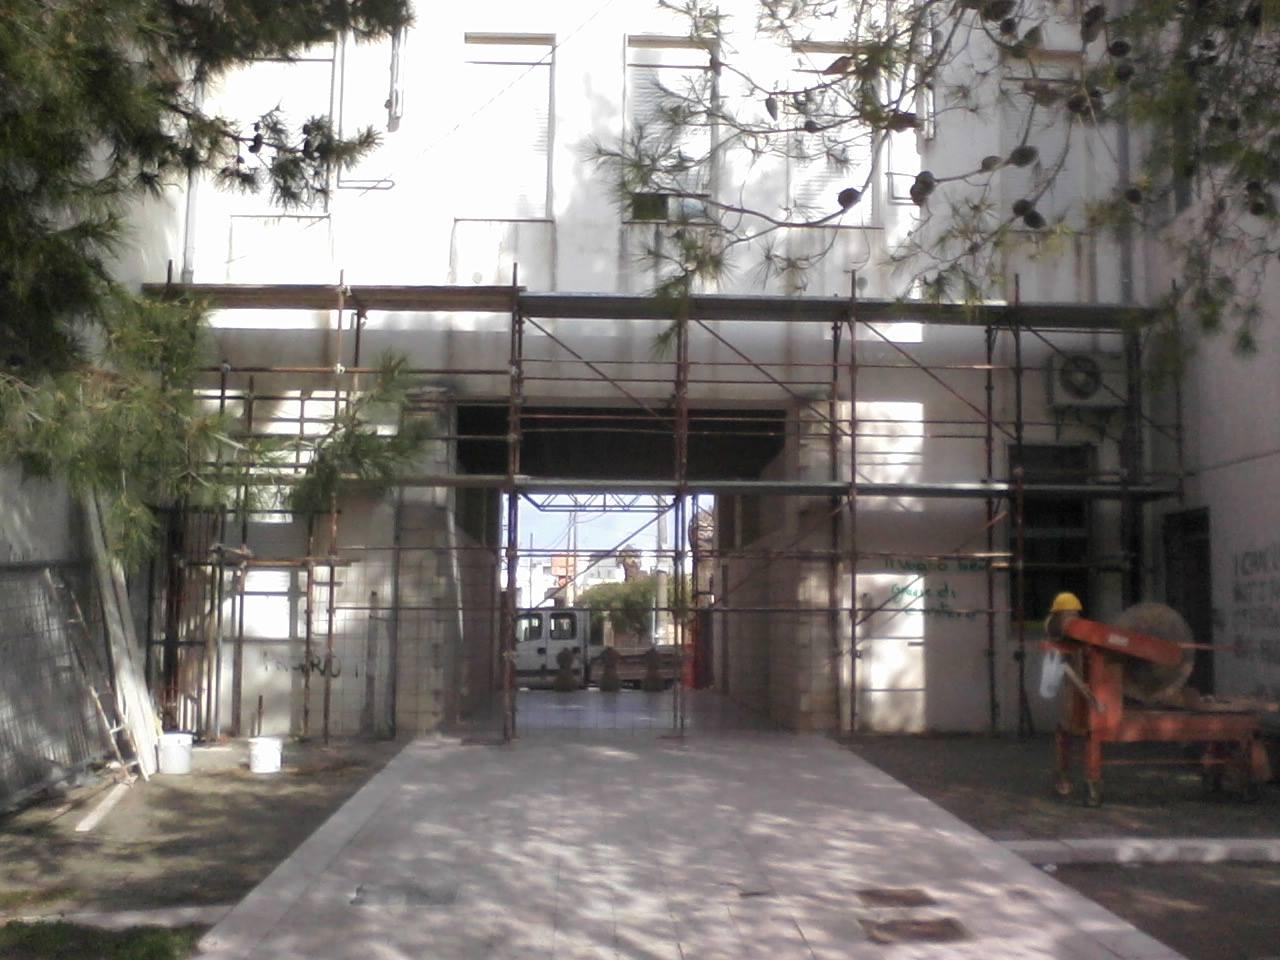 Comune di salve le lavori di ristrutturazione con cambio di destinazione ad uso casa di riposo - Lavori di ristrutturazione casa ...